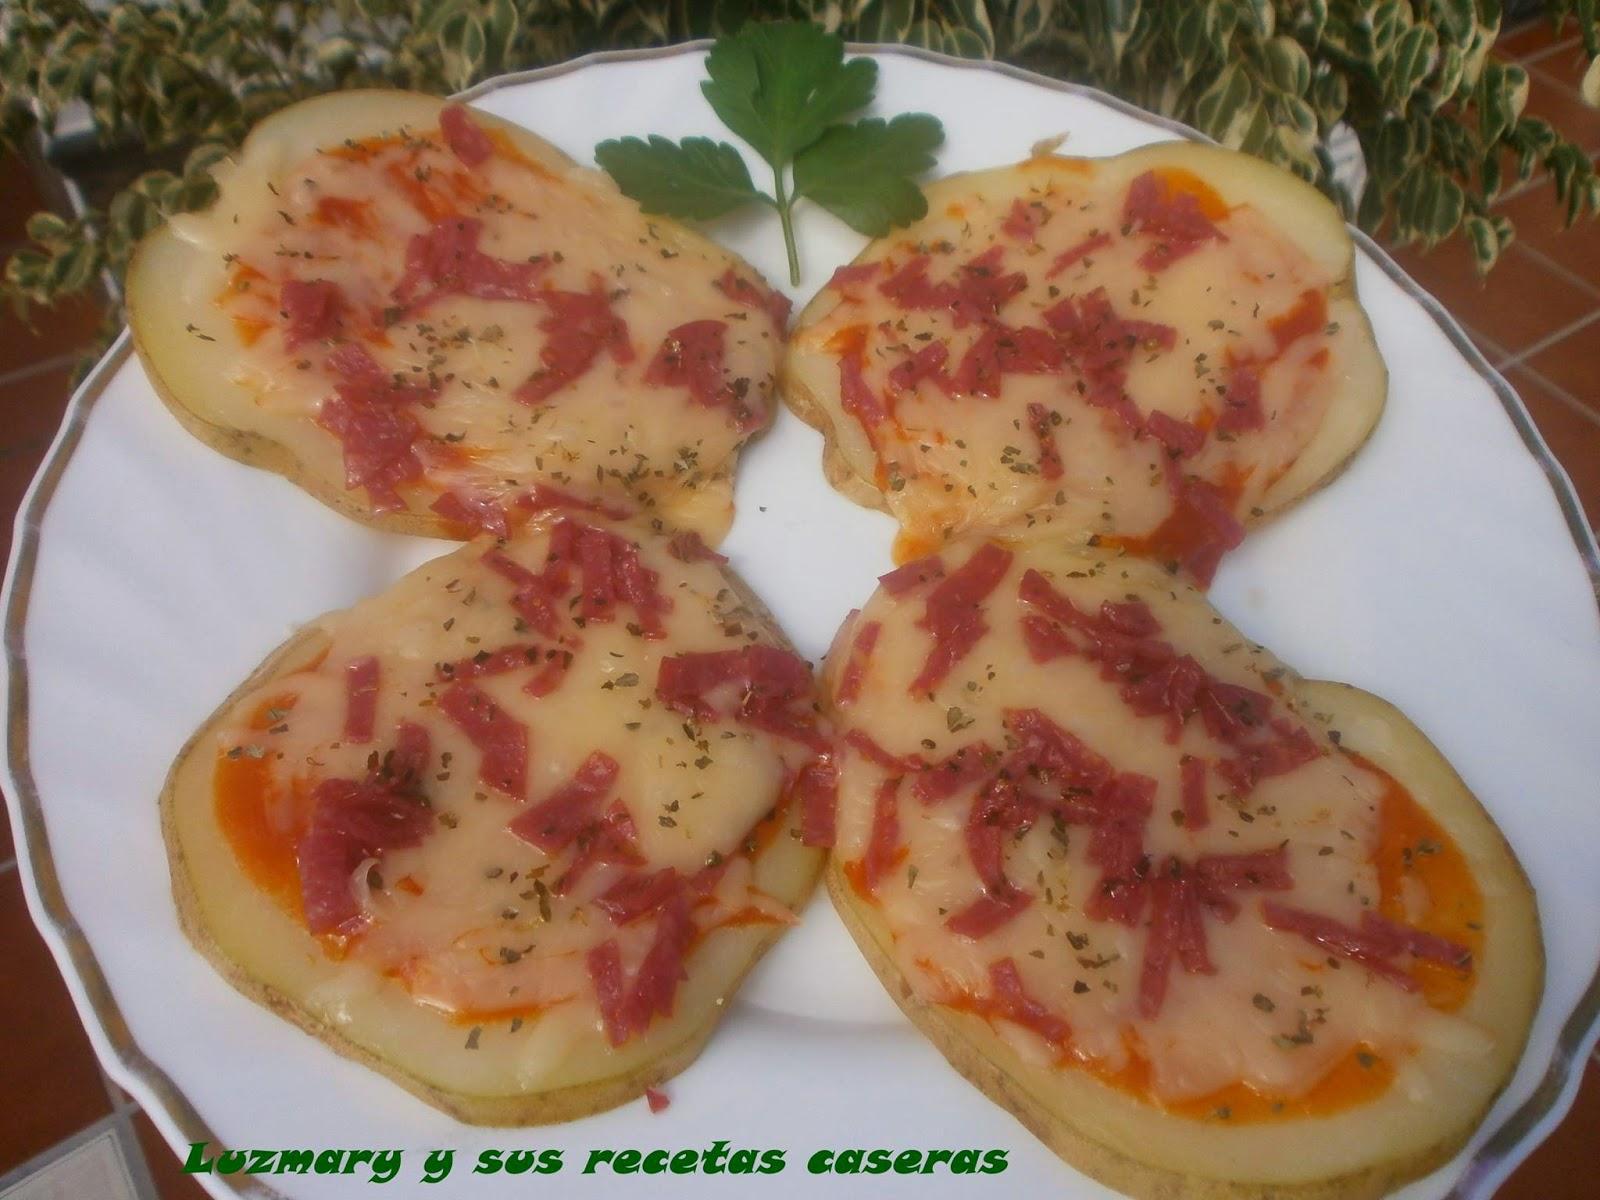 Luzmary y sus recetas caseras patatas pizza al microondas for Comidas hechas en microondas